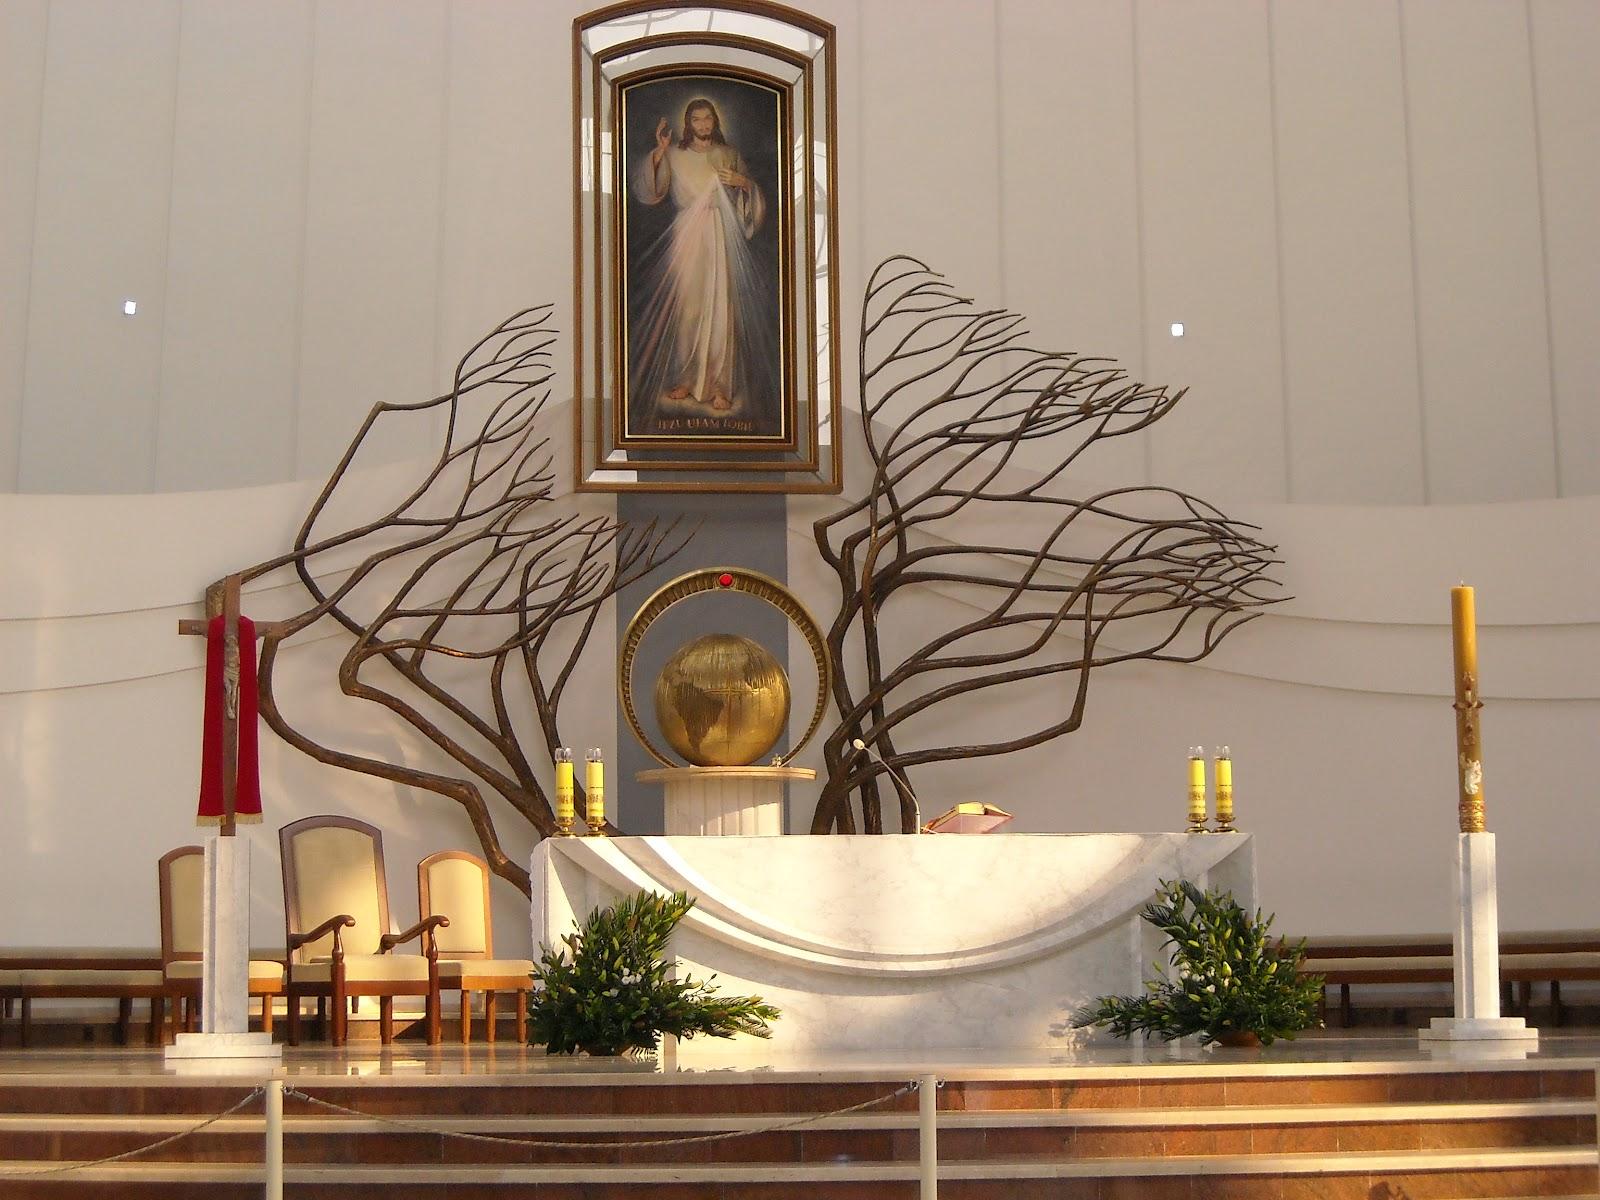 Por qué Hoy Estamos Viviendo la Misericordia Divina, Antes del Tiempo de Su Justicia